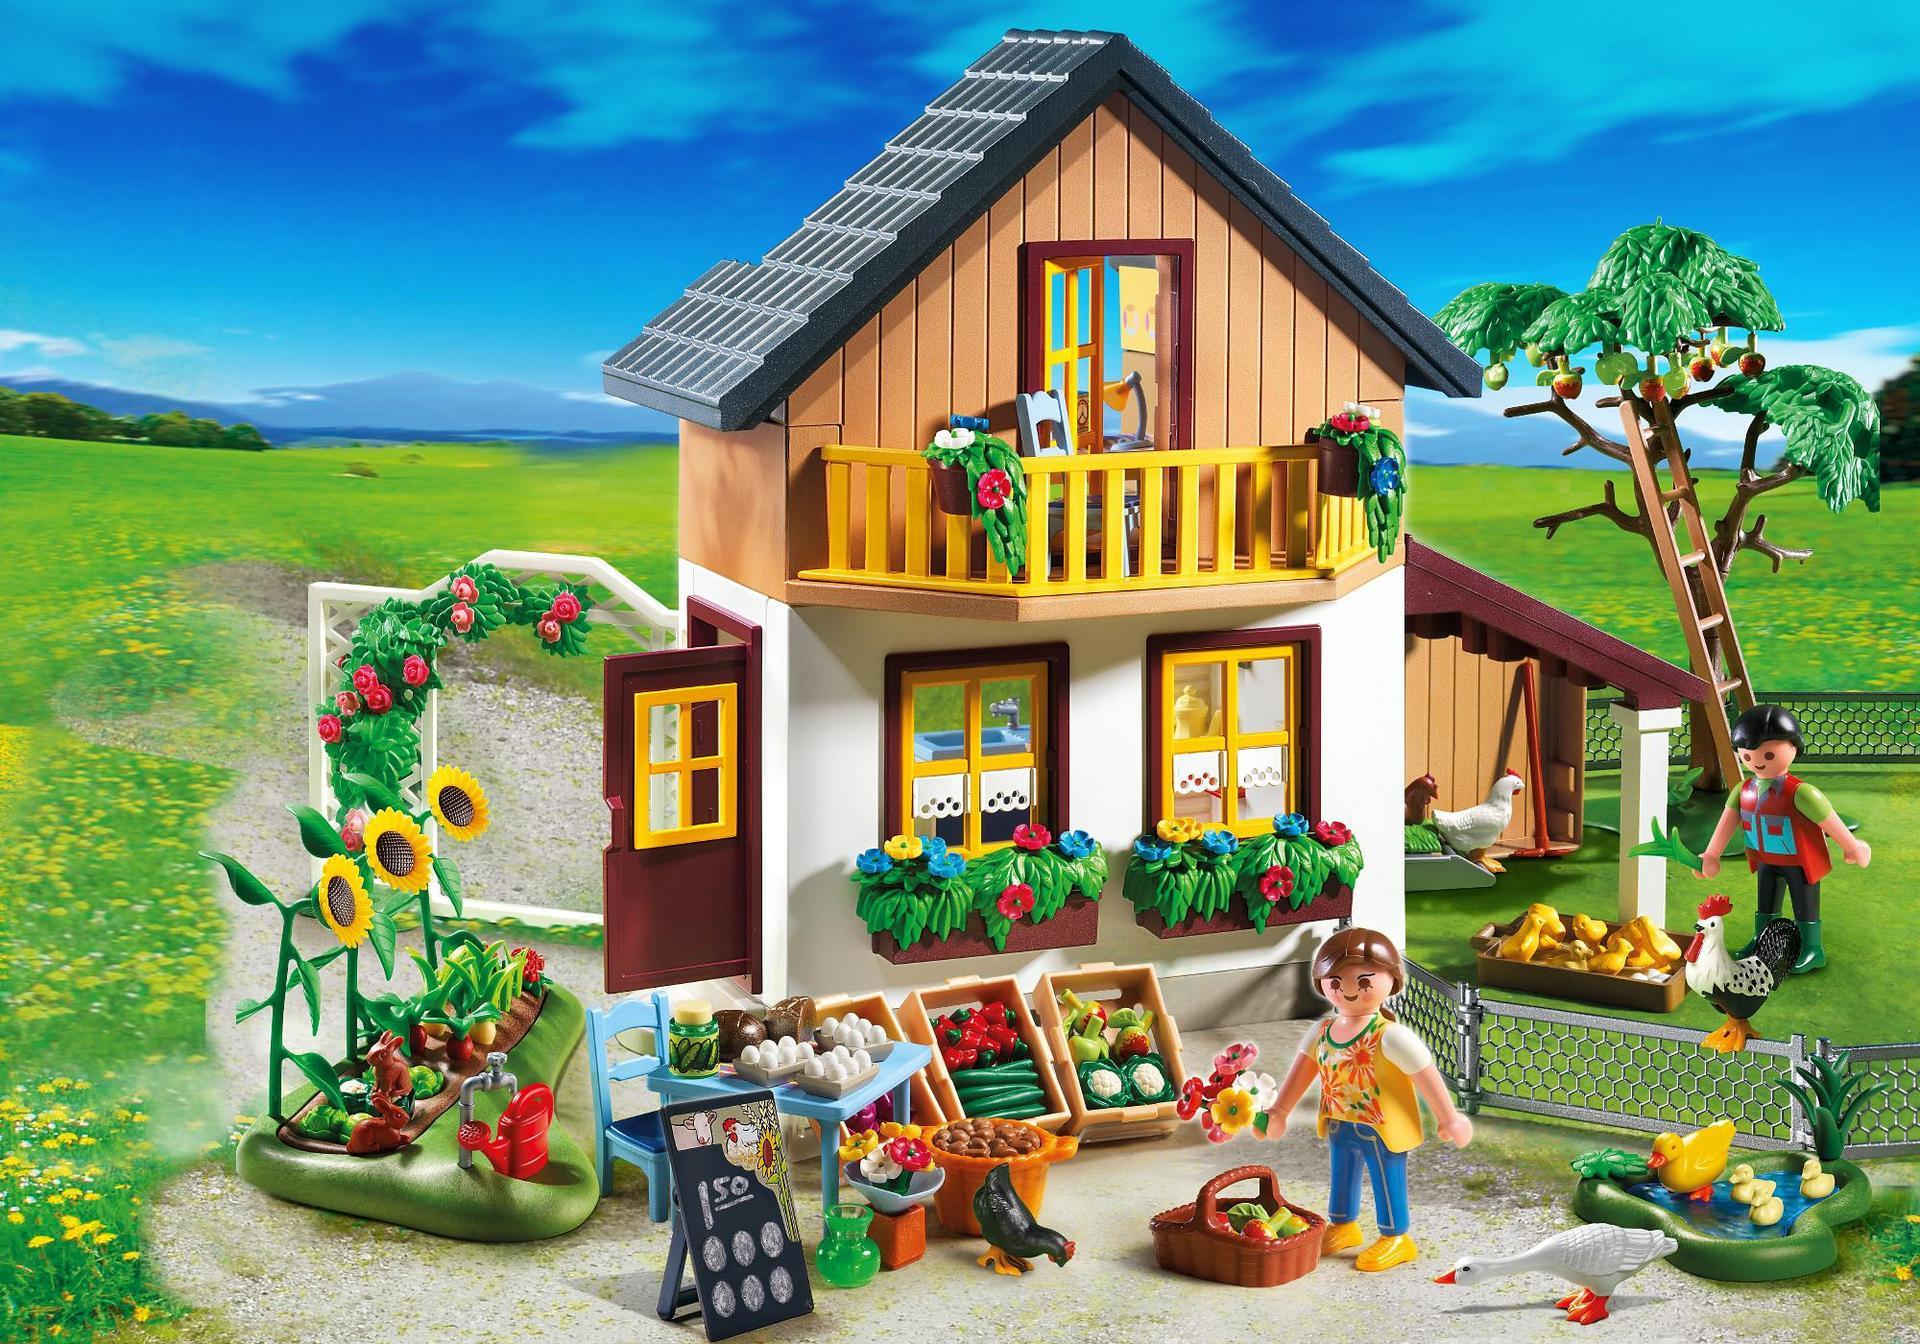 Maison des fermiers et march 5120 playmobil france - Maison en bois playmobil ...